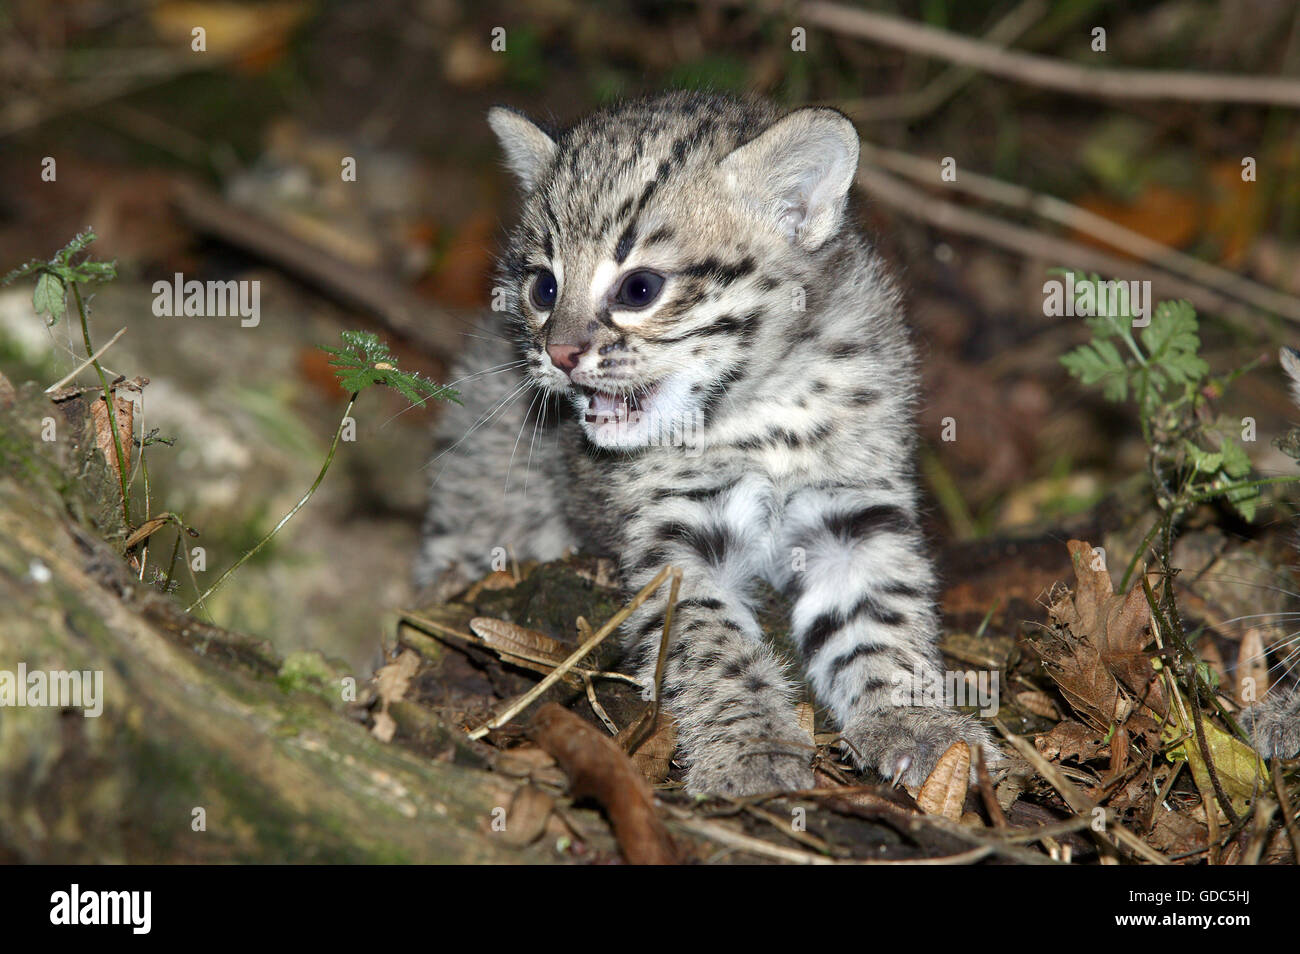 Geoffroy's Cat, oncifelis geoffroyi, Kitten - Stock Image